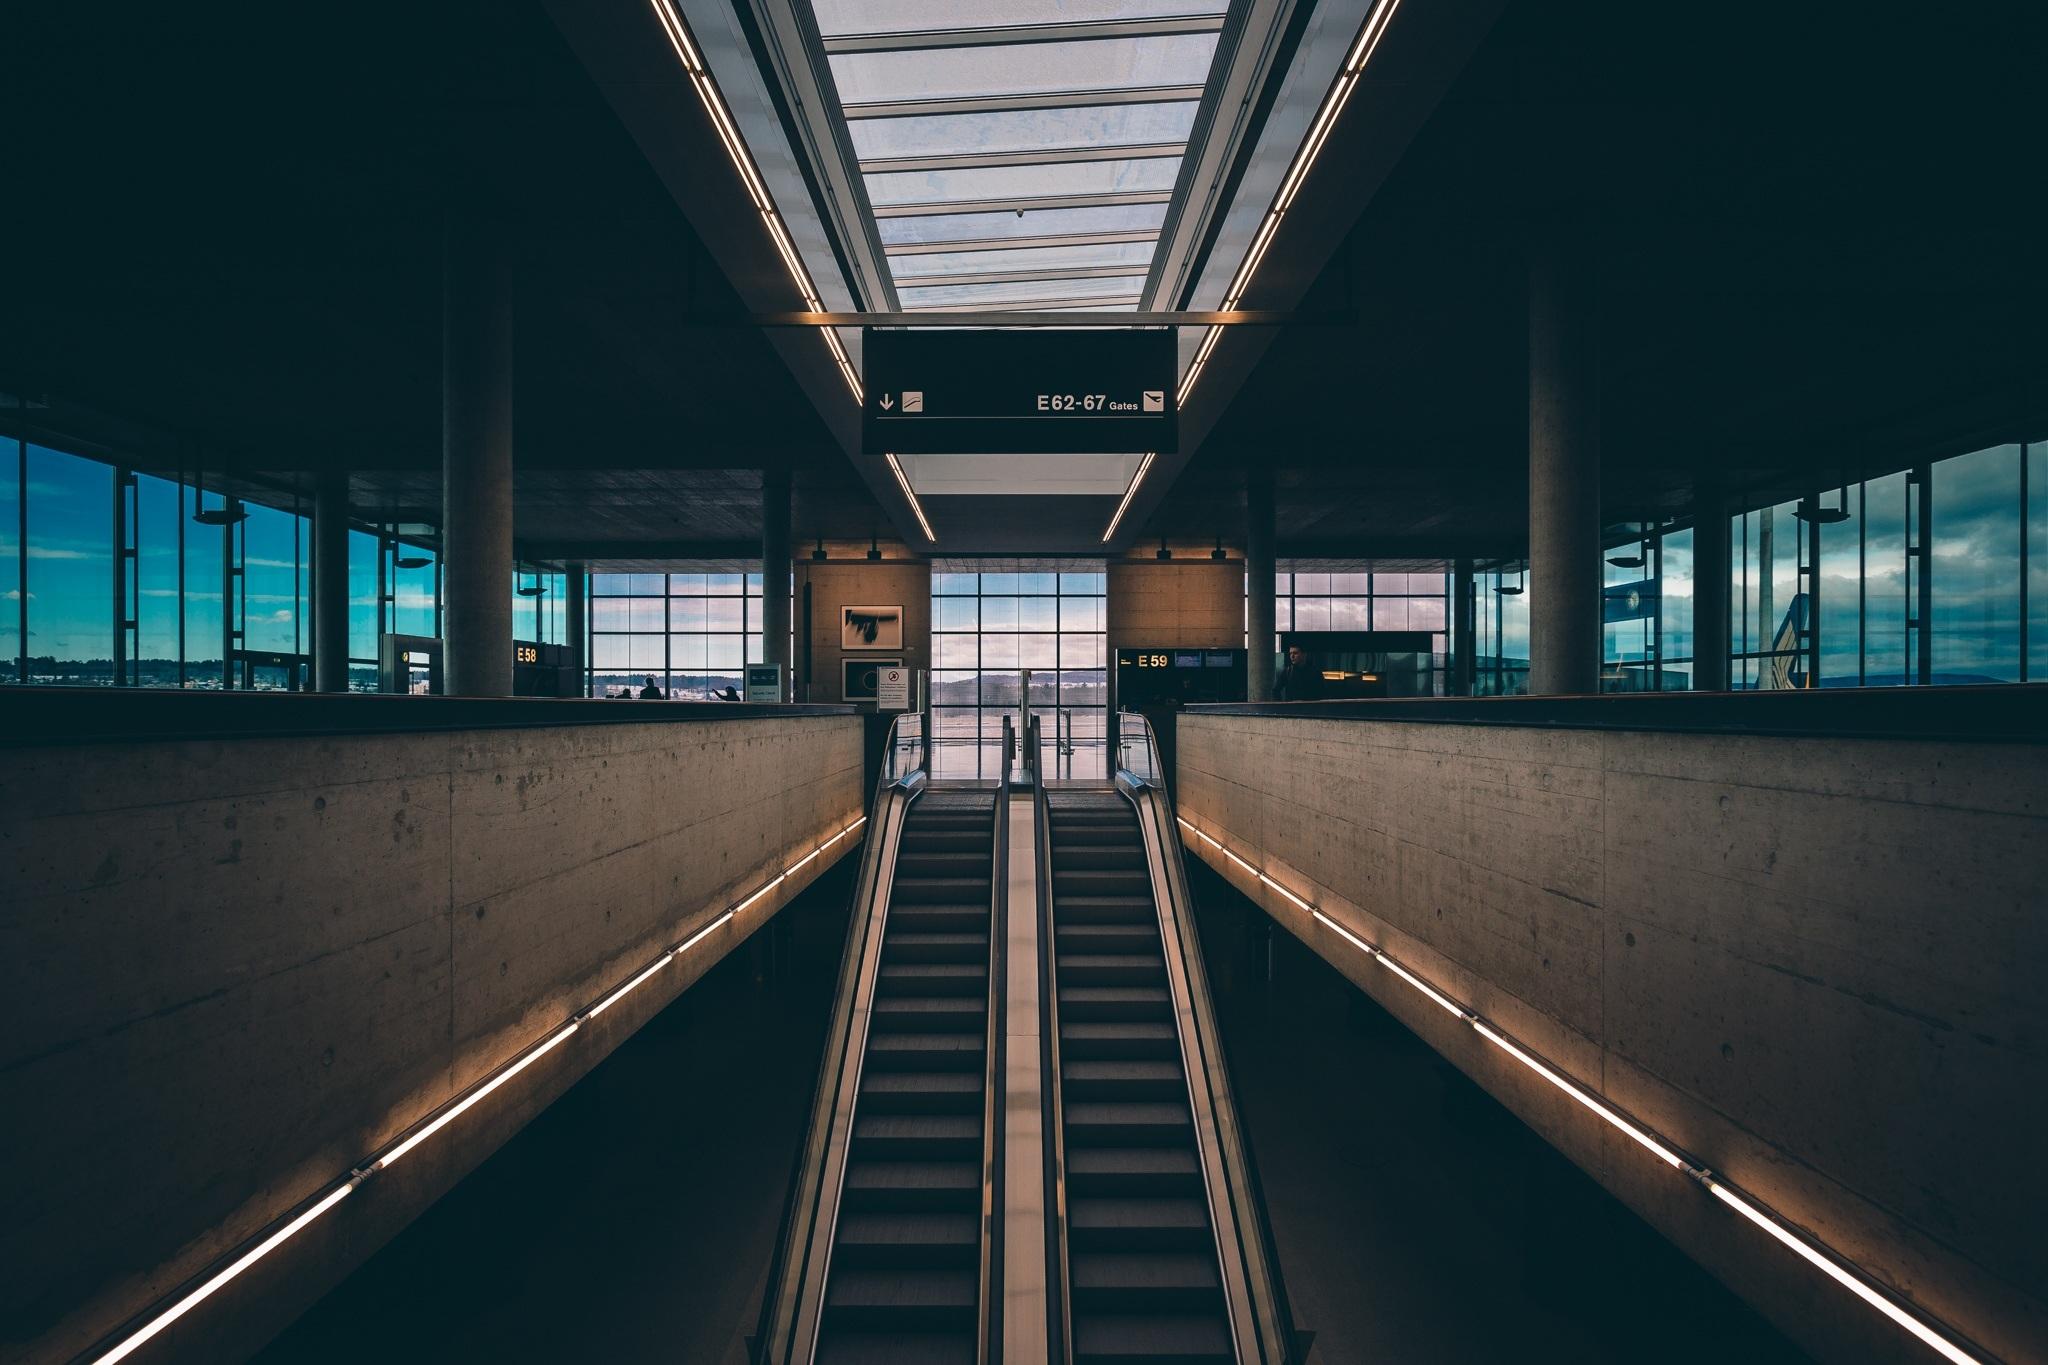 accueil et départ des voyageurs location courte durée Bordeaux